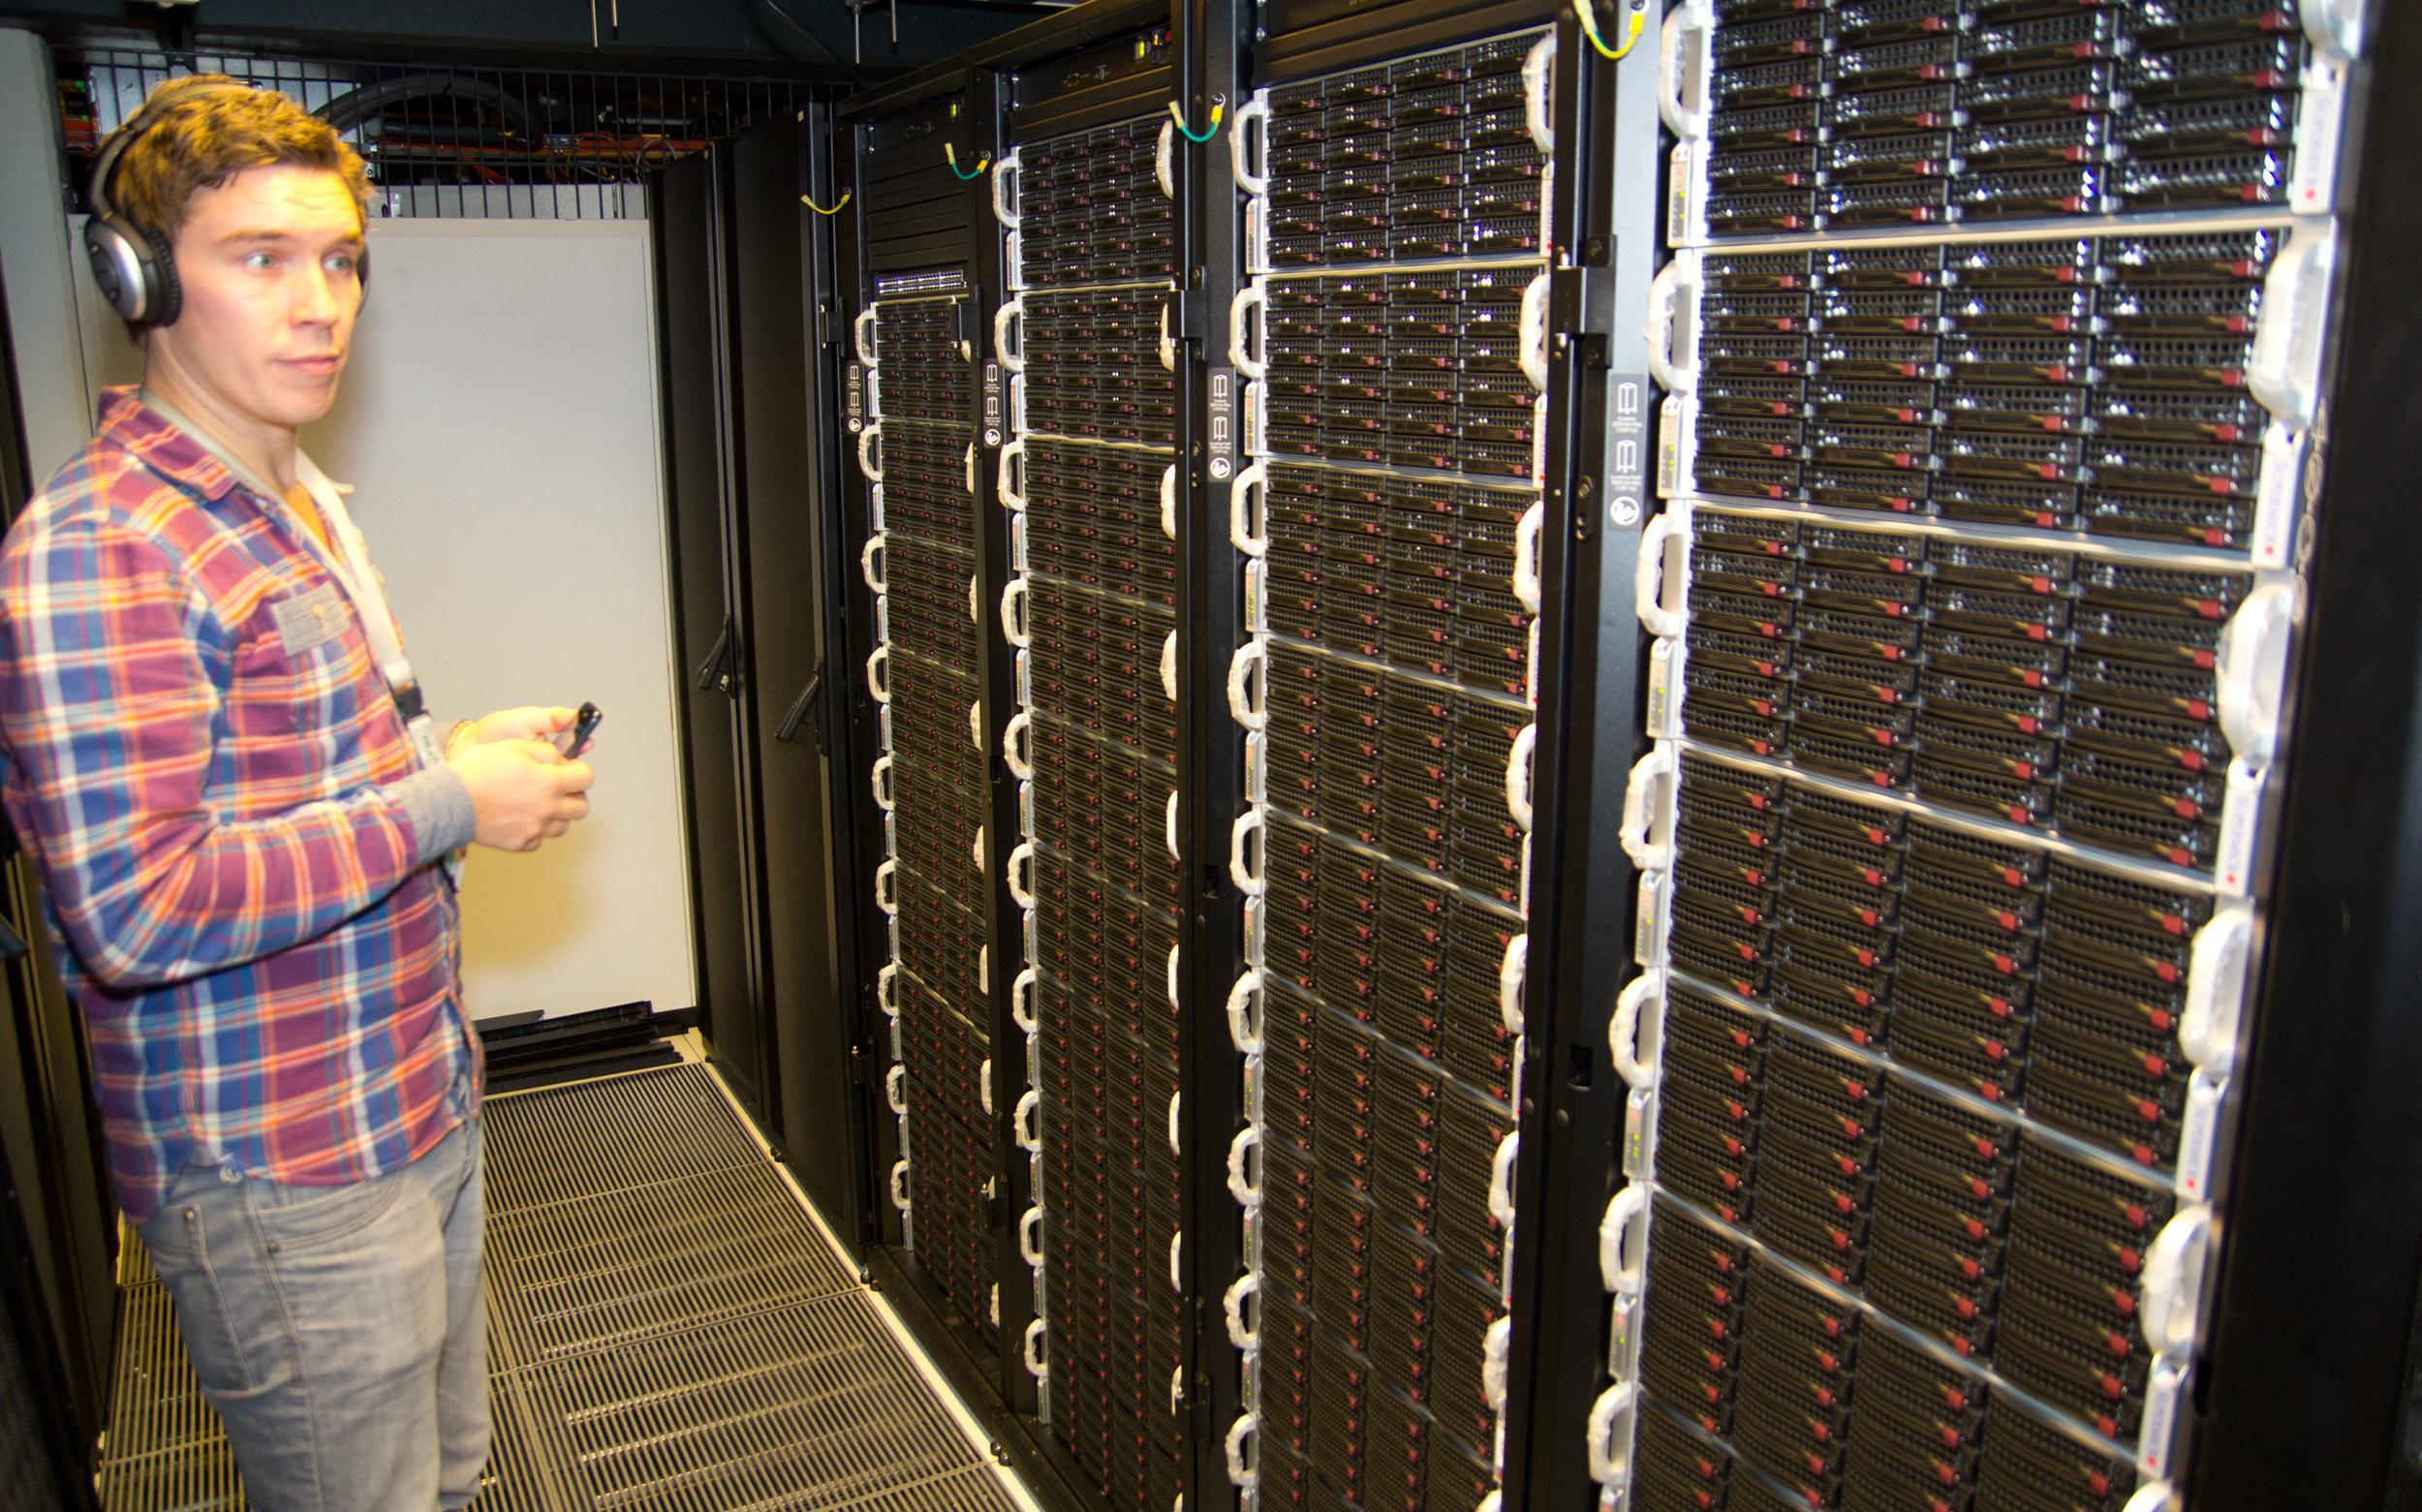 Det er rimelig mye støy blant serverne, så rutinerte brukere stiller med støydempende hodetelefoner.Foto: Rolf B. Wegner, Hardware.no